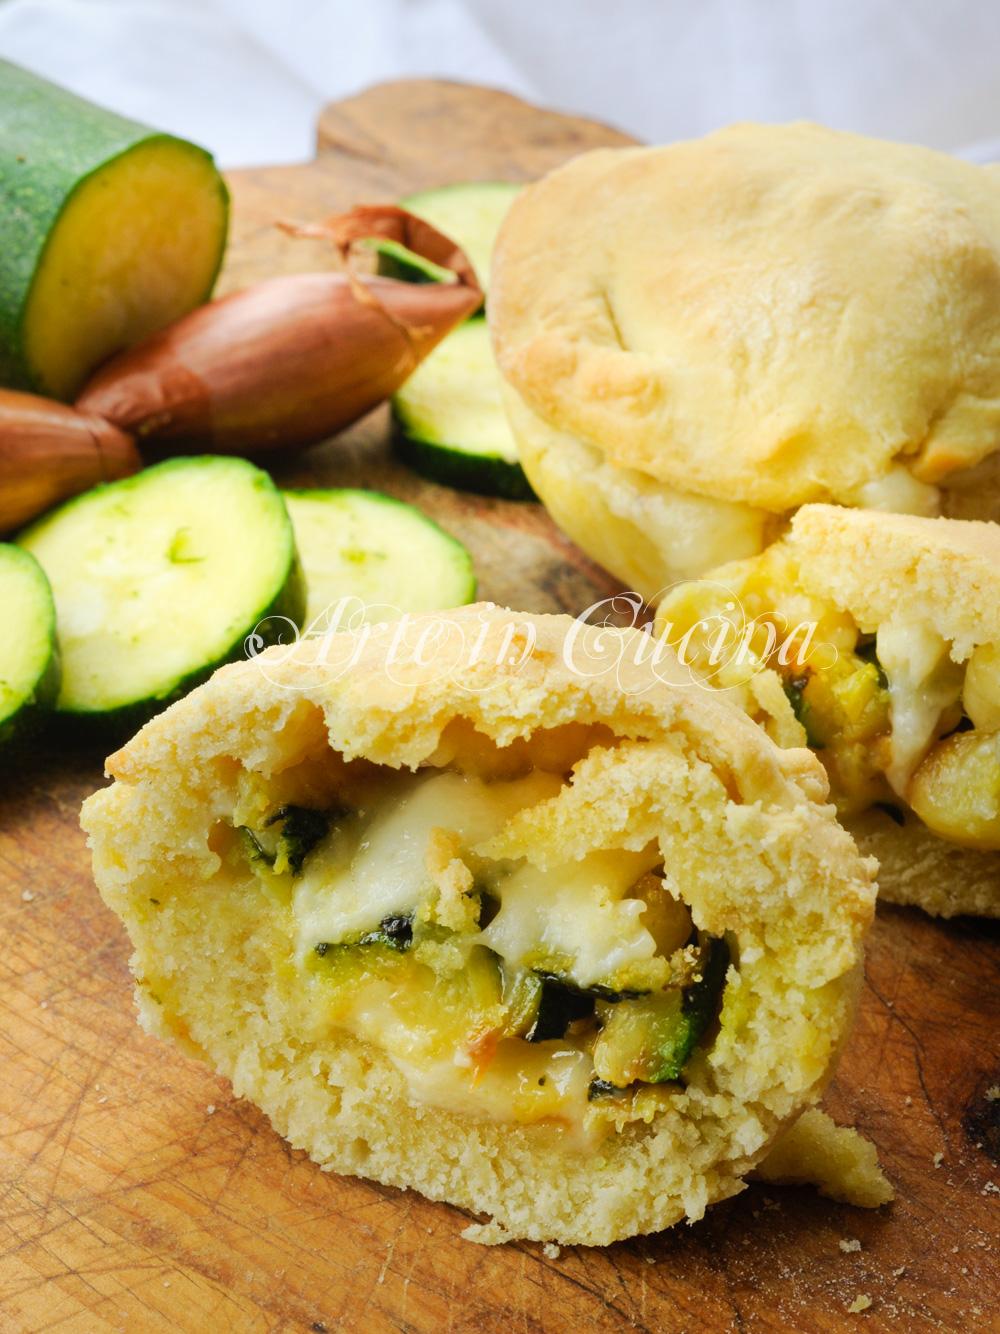 Tortini morbidi pecorino e zucchine ricetta veloce vickyart arte in cucina